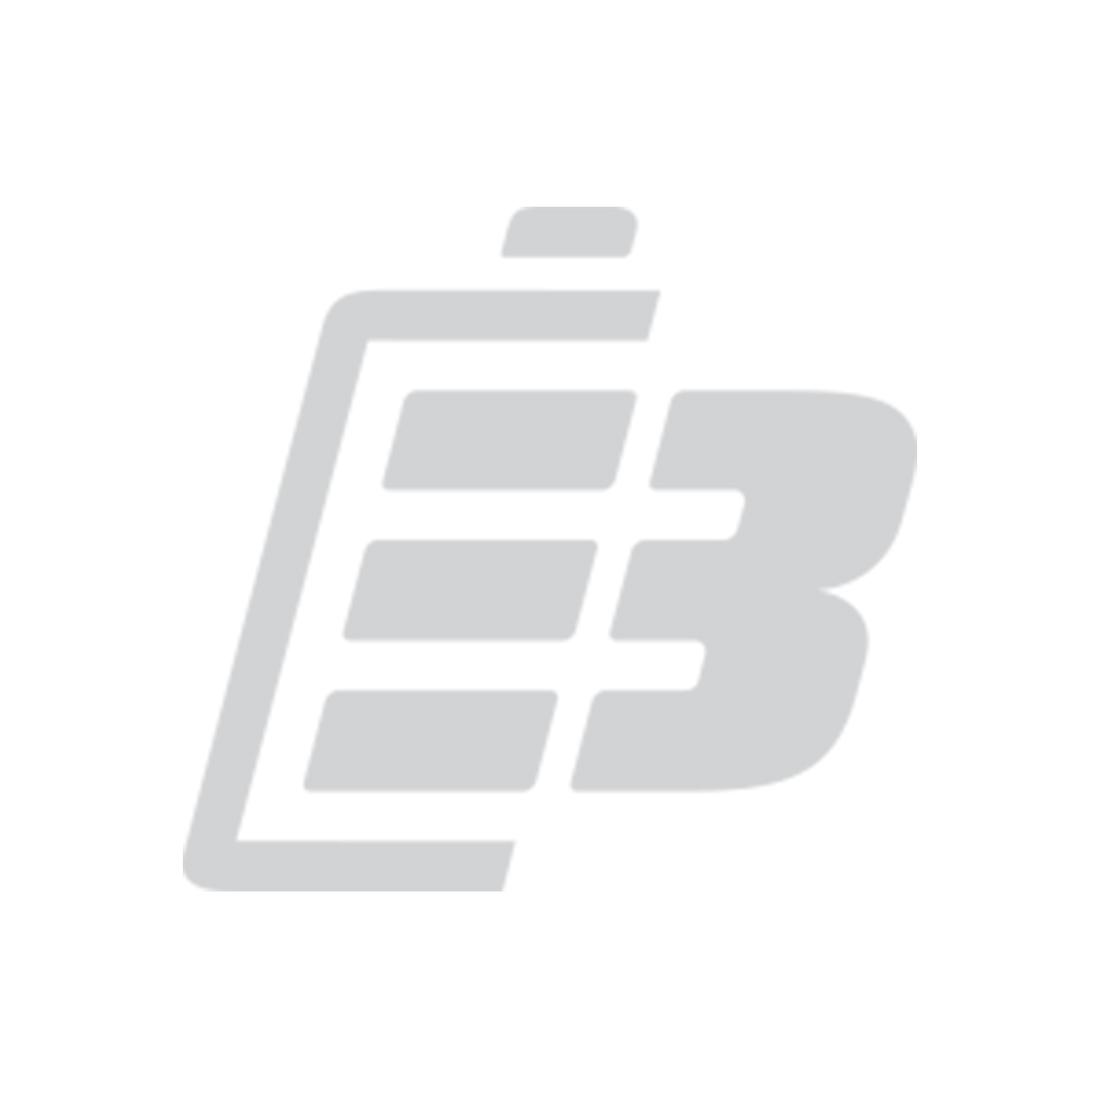 Olight PL-PRO Valkyrie Weaponlight